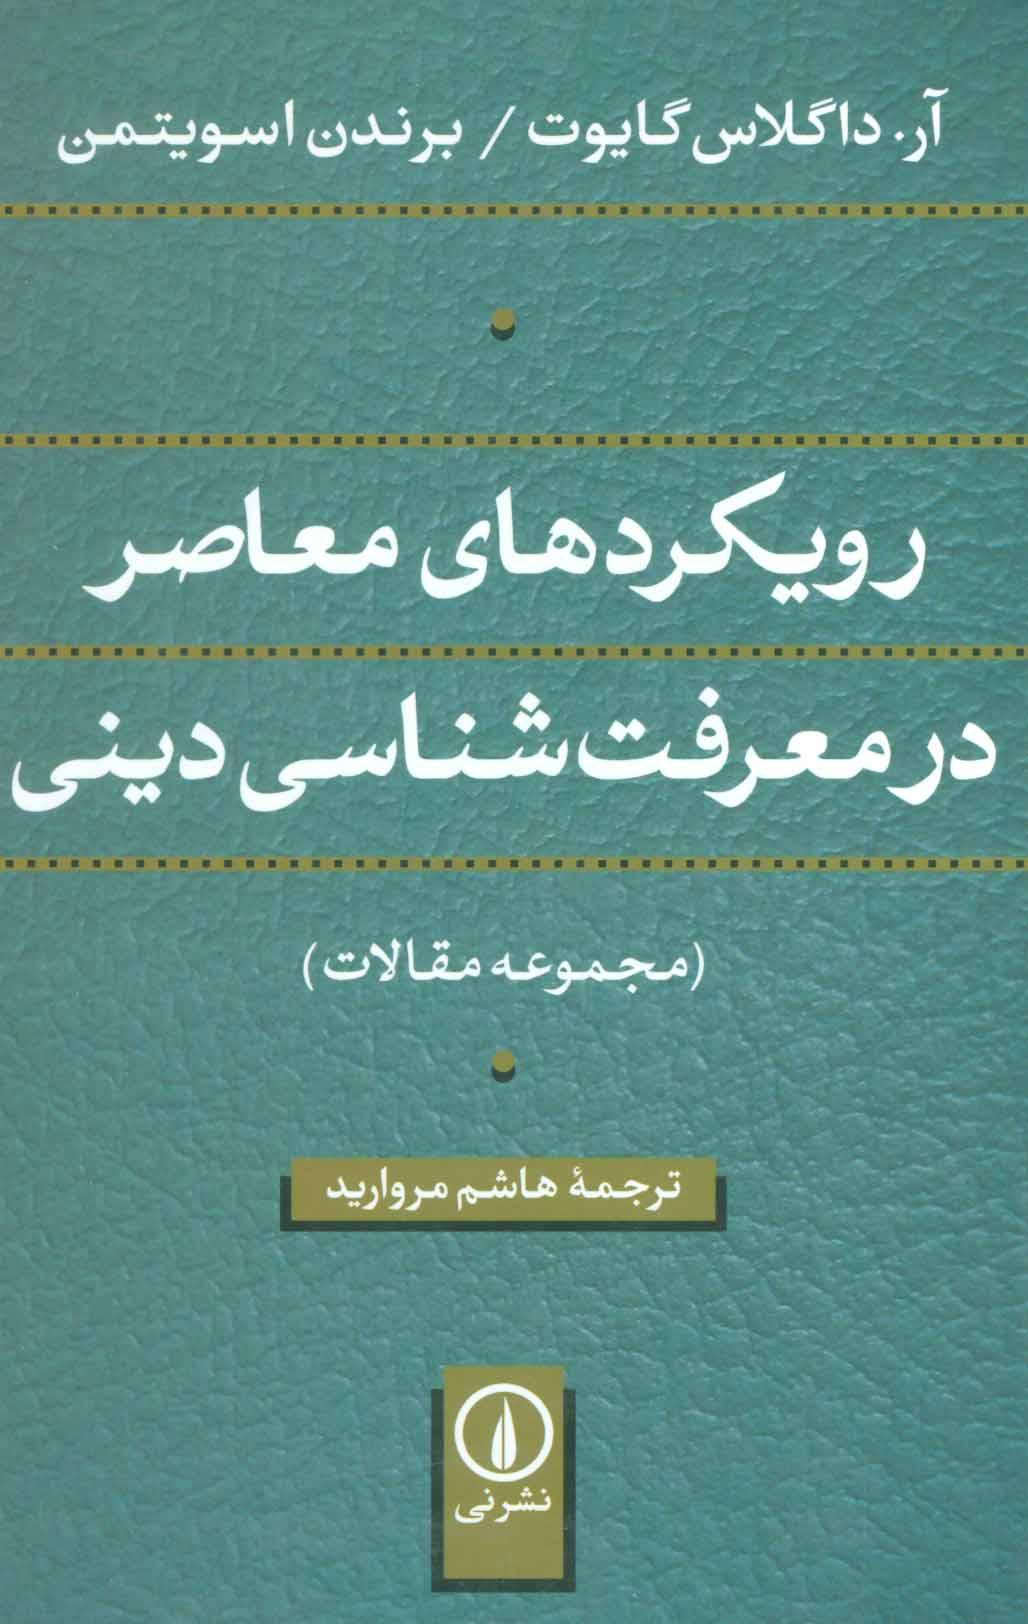 رویکردهای معاصر در معرفت شناسی دینی (مجموعه مقالات)